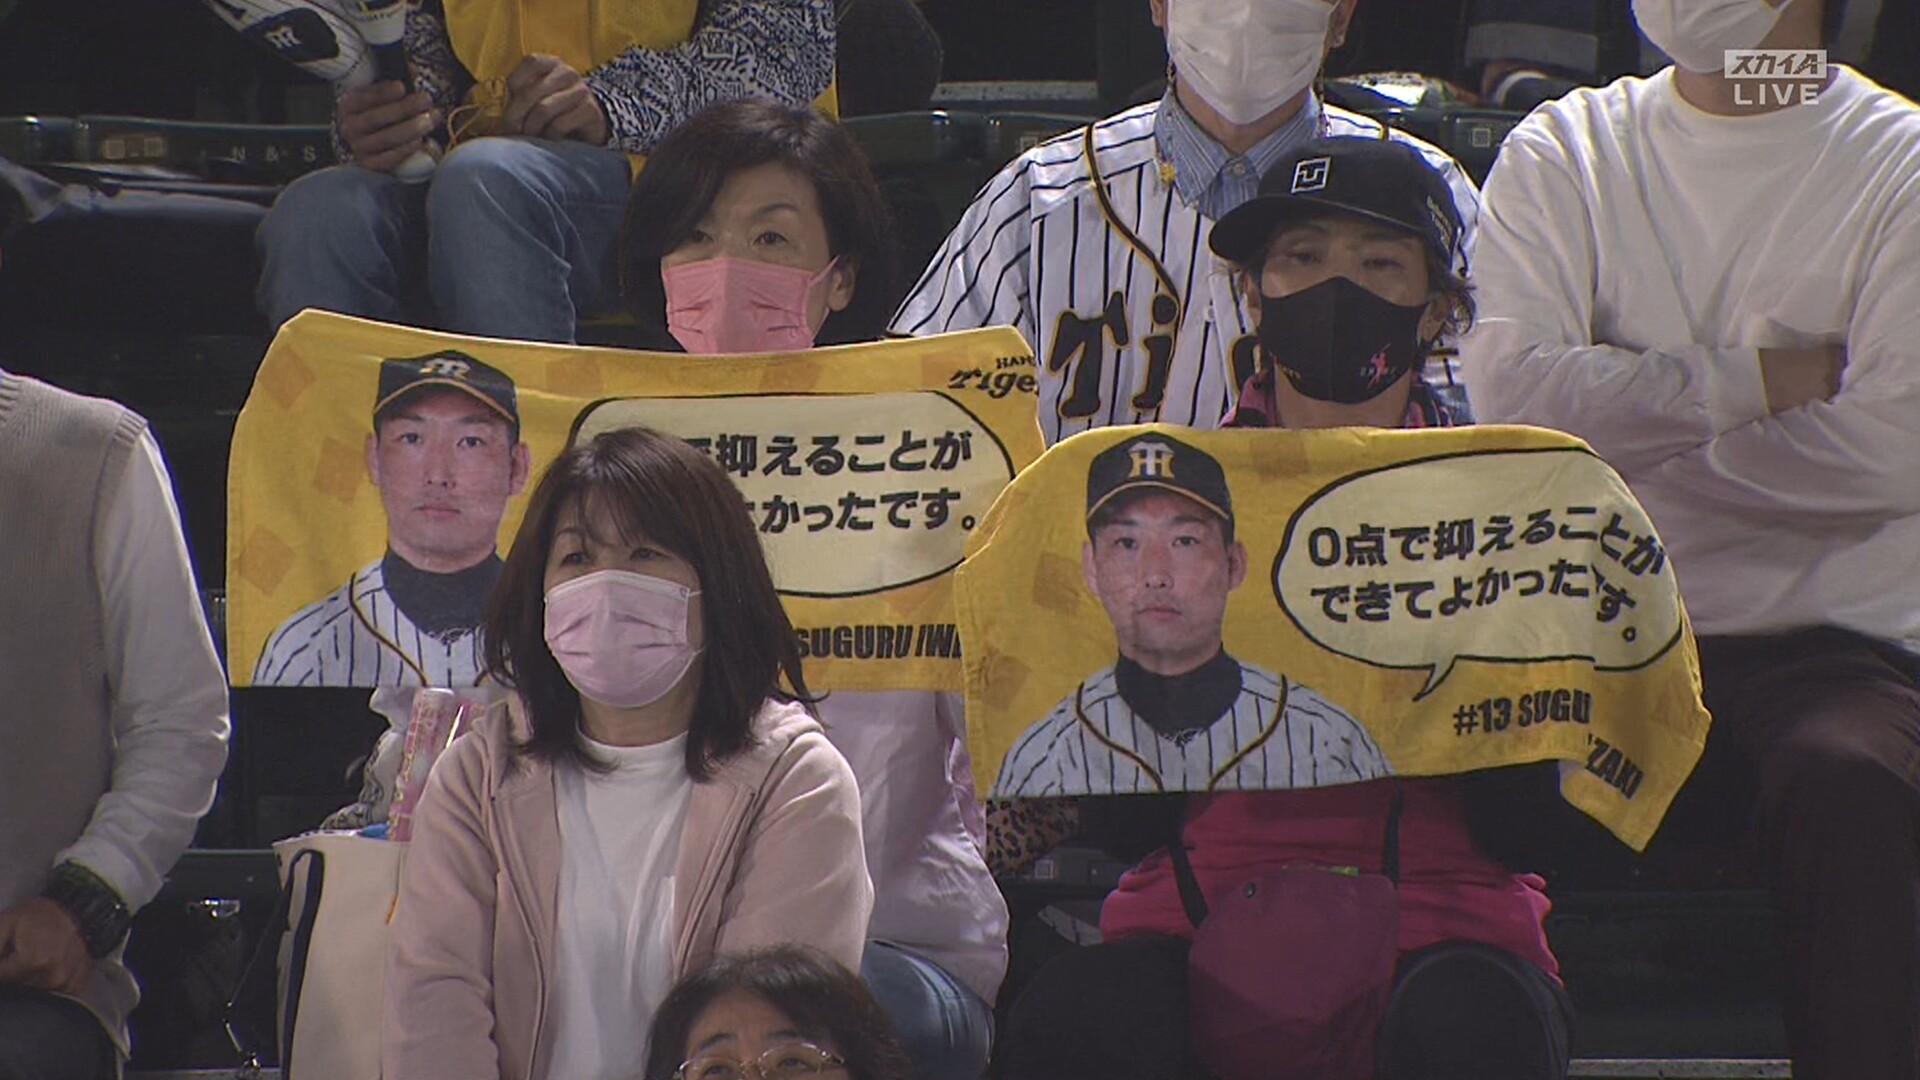 阪神・岩崎、また「0抑」できず  呪いのタオル回収してくれ…